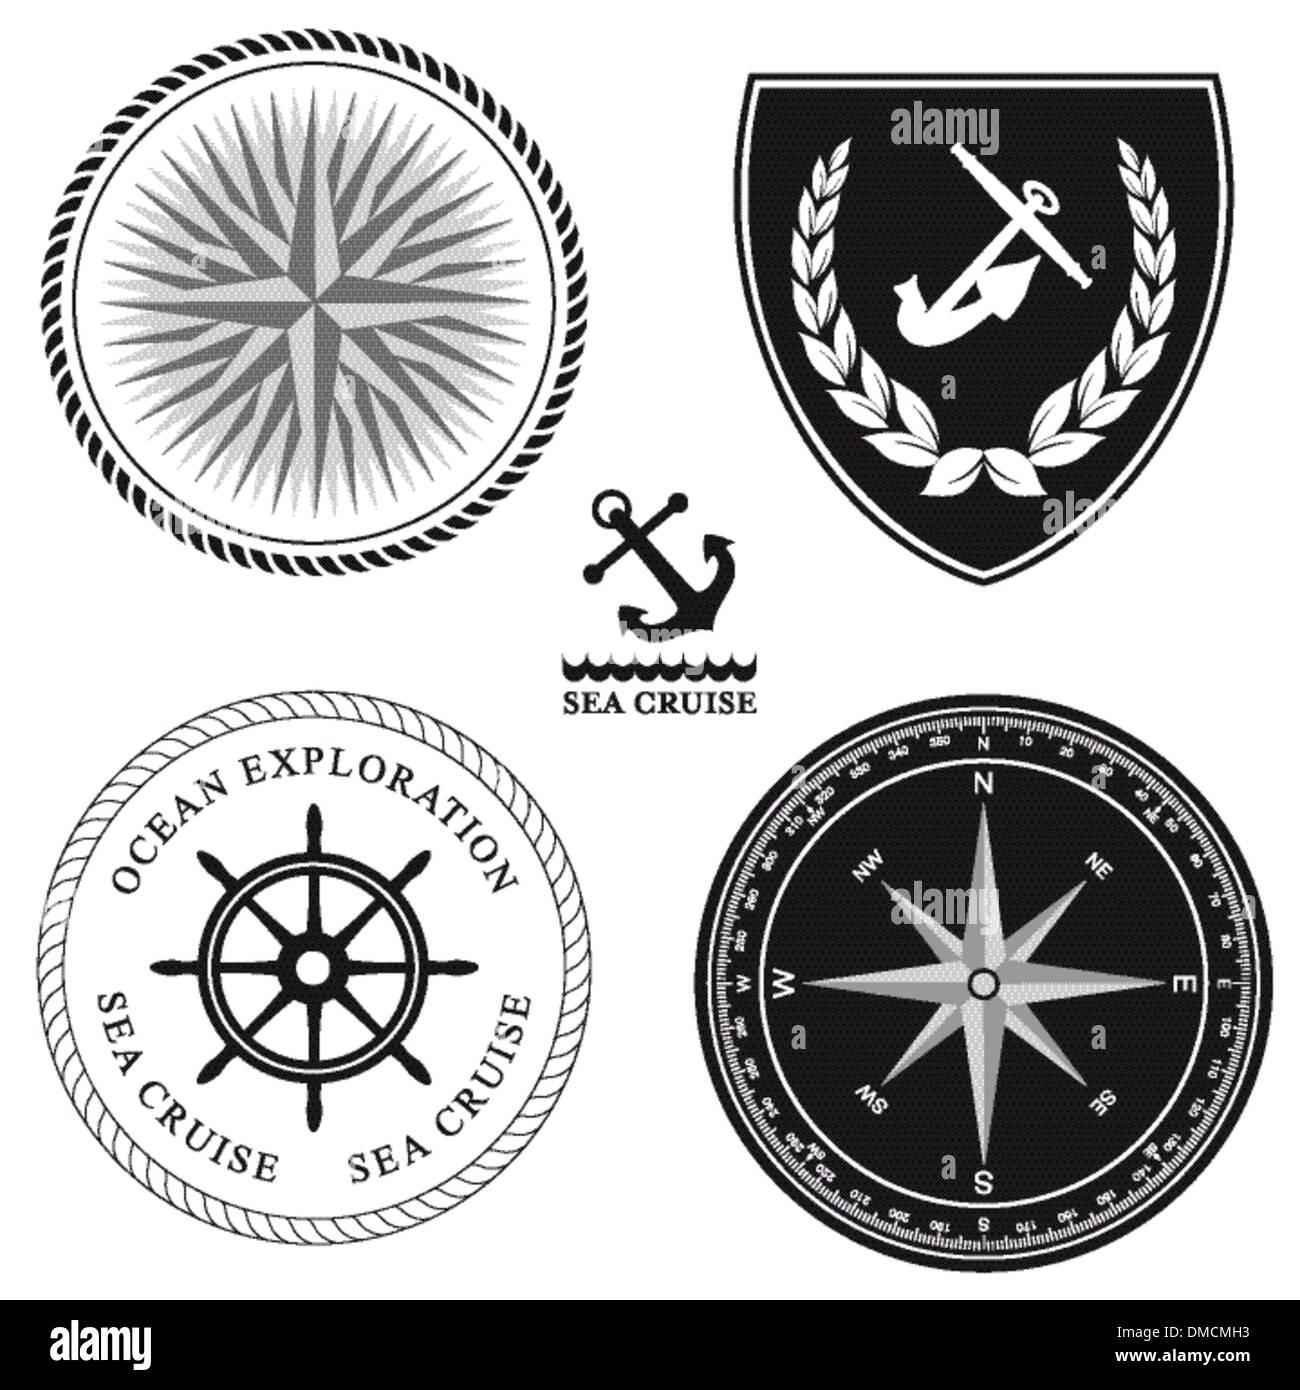 Maritime symbols - Stock Image